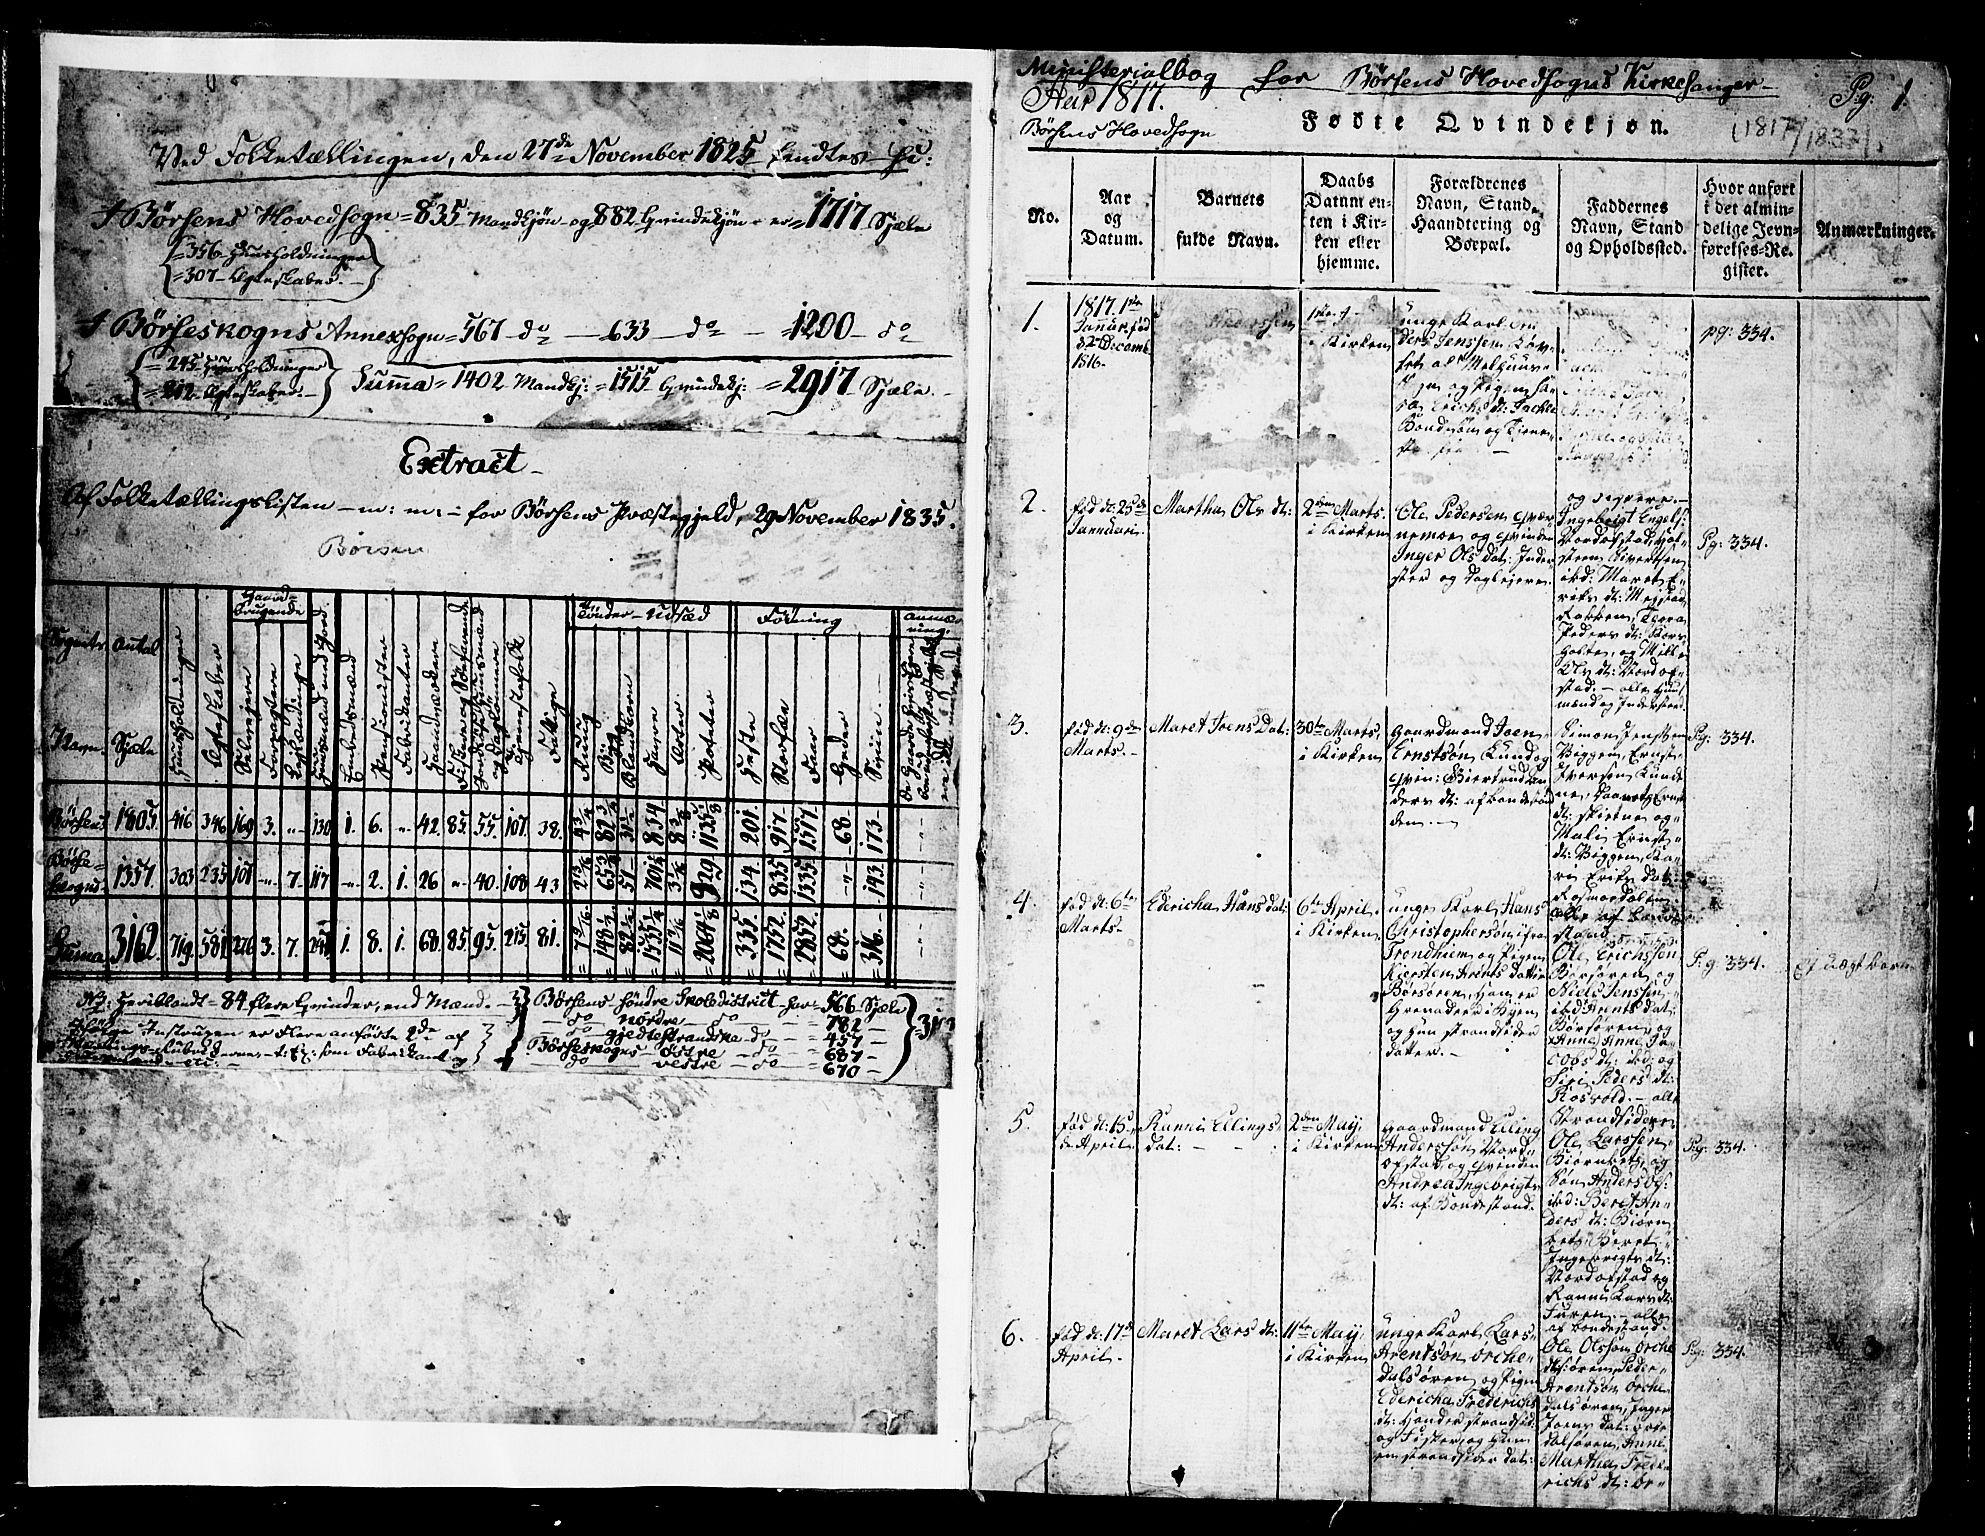 SAT, Ministerialprotokoller, klokkerbøker og fødselsregistre - Sør-Trøndelag, 665/L0776: Klokkerbok nr. 665C01, 1817-1837, s. 1